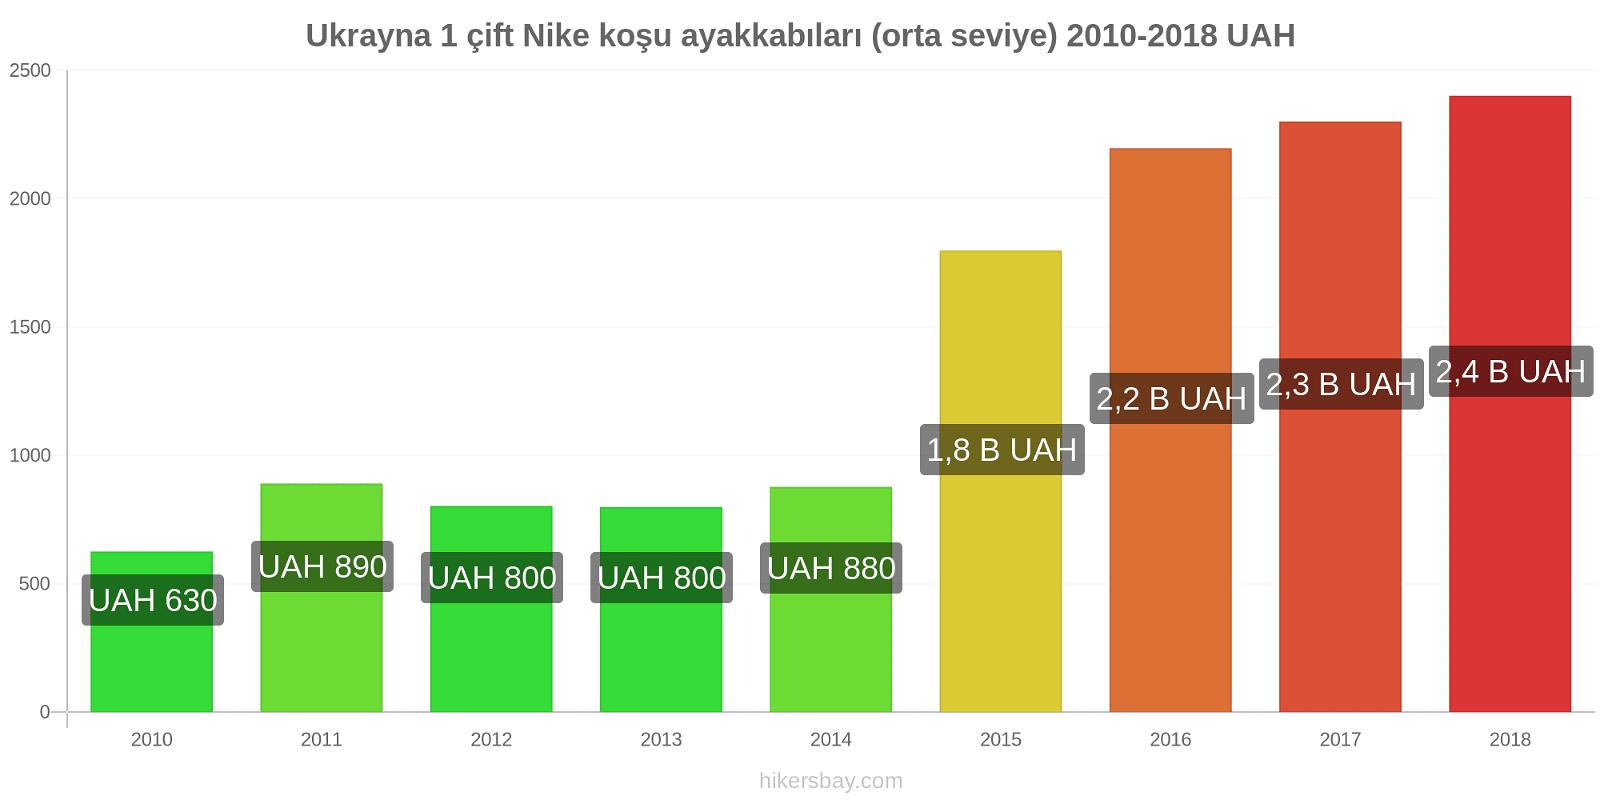 Ukrayna fiyat değişiklikleri 1 çift Nike koşu ayakkabıları (orta seviye) hikersbay.com